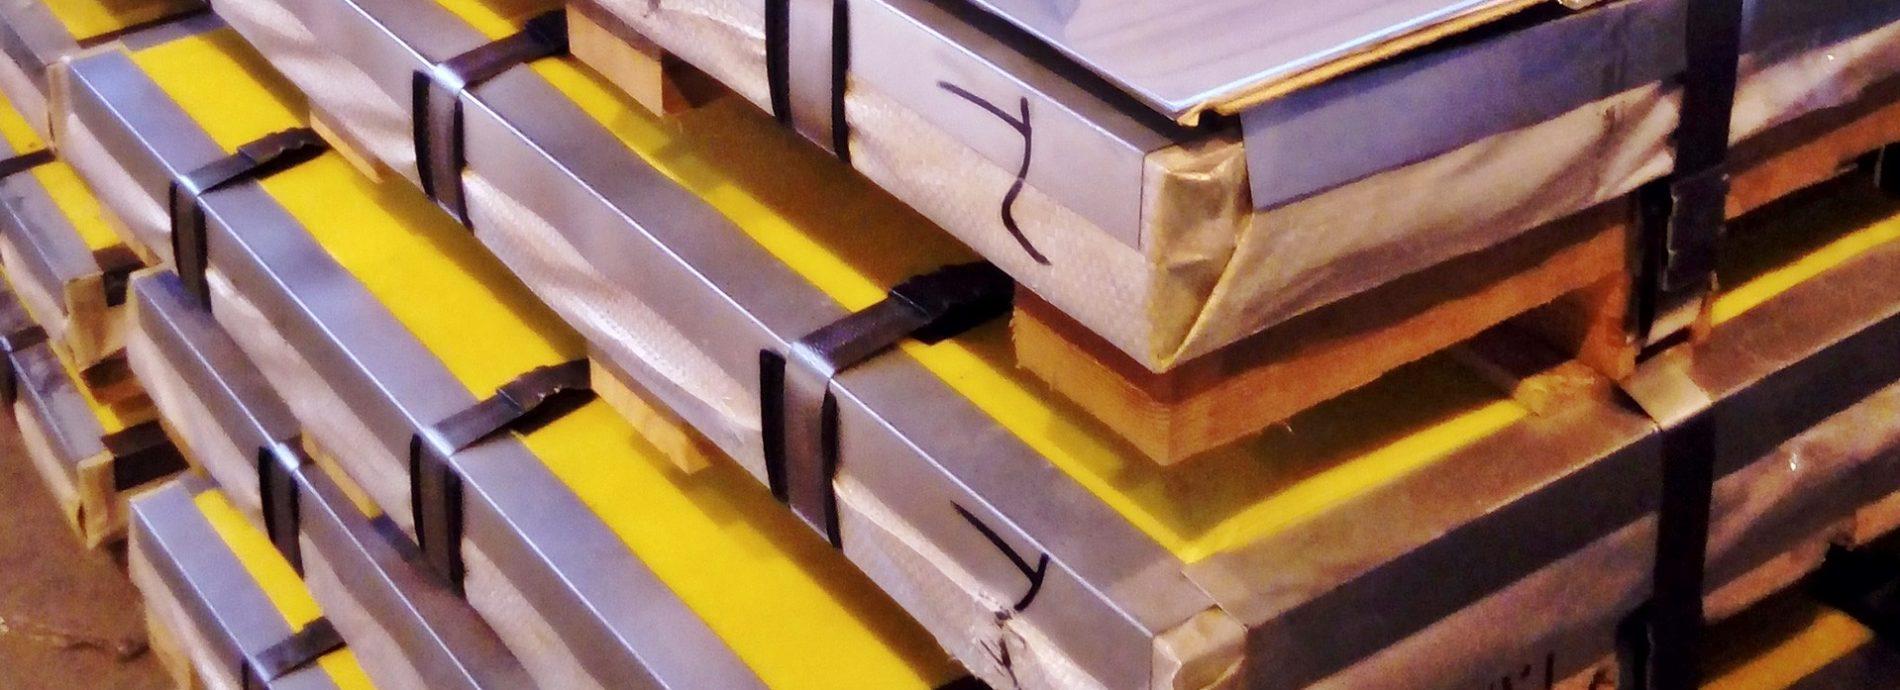 нержавеющая сталь 304 купить украина